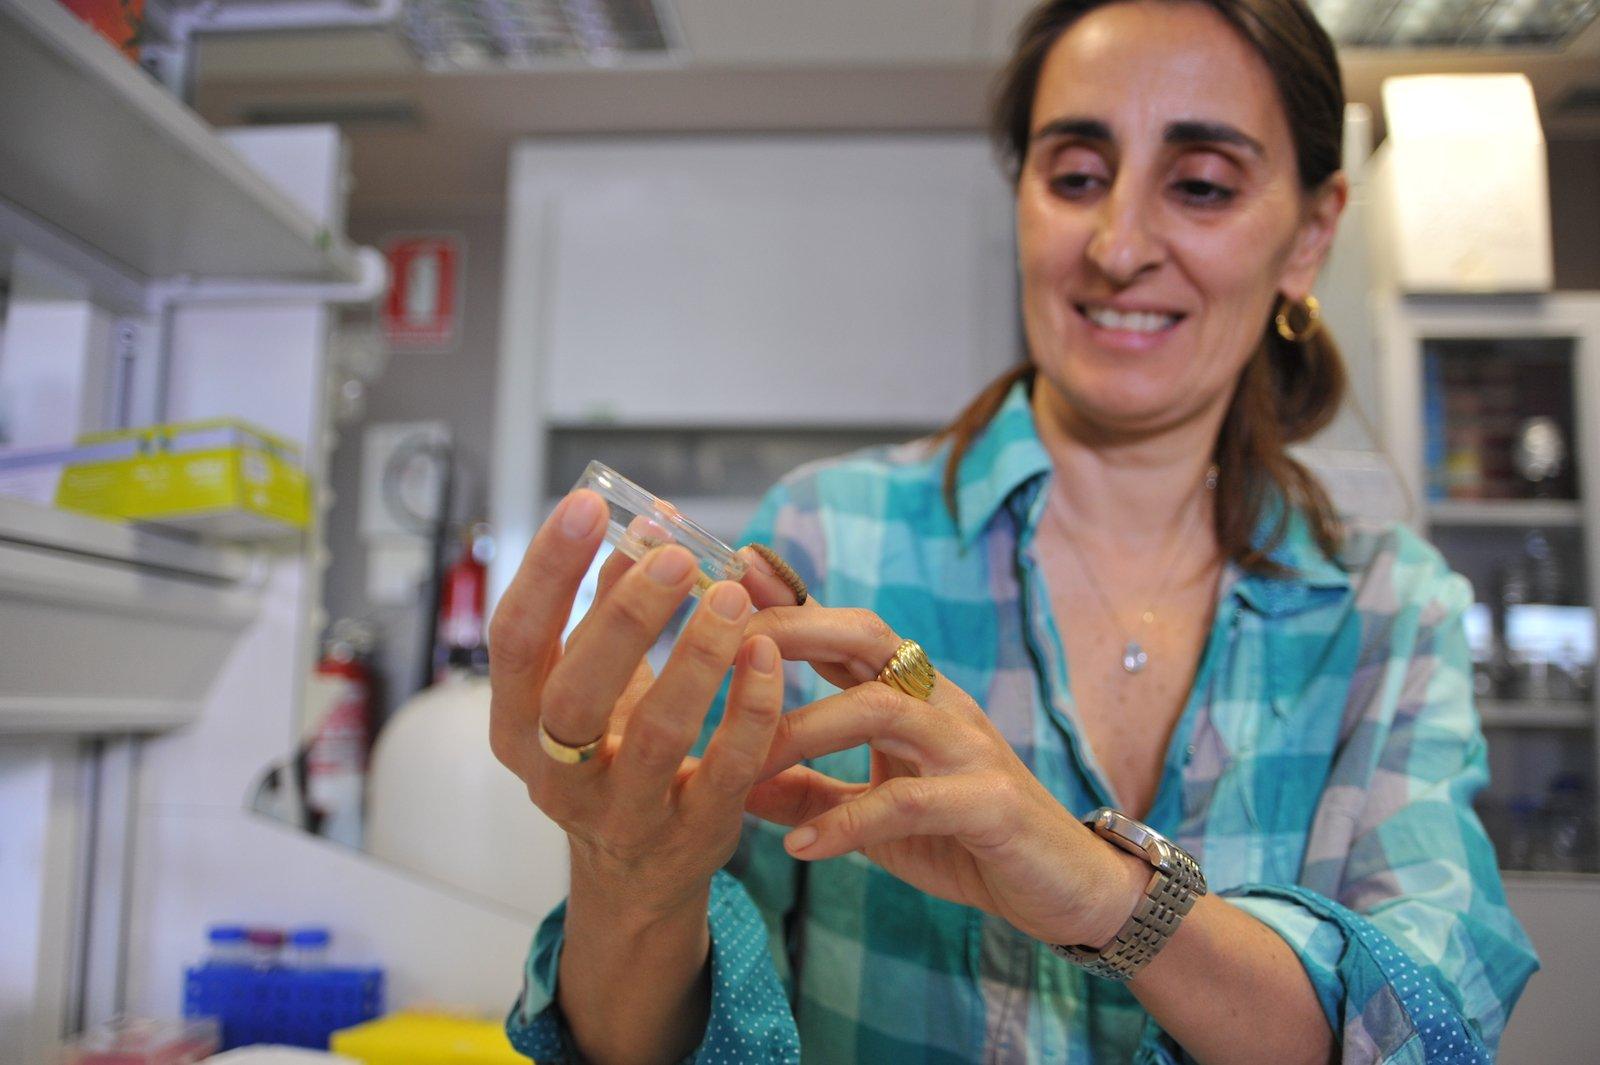 Federica Bertocchini mit den plastikfressenden Raupen im Labor.